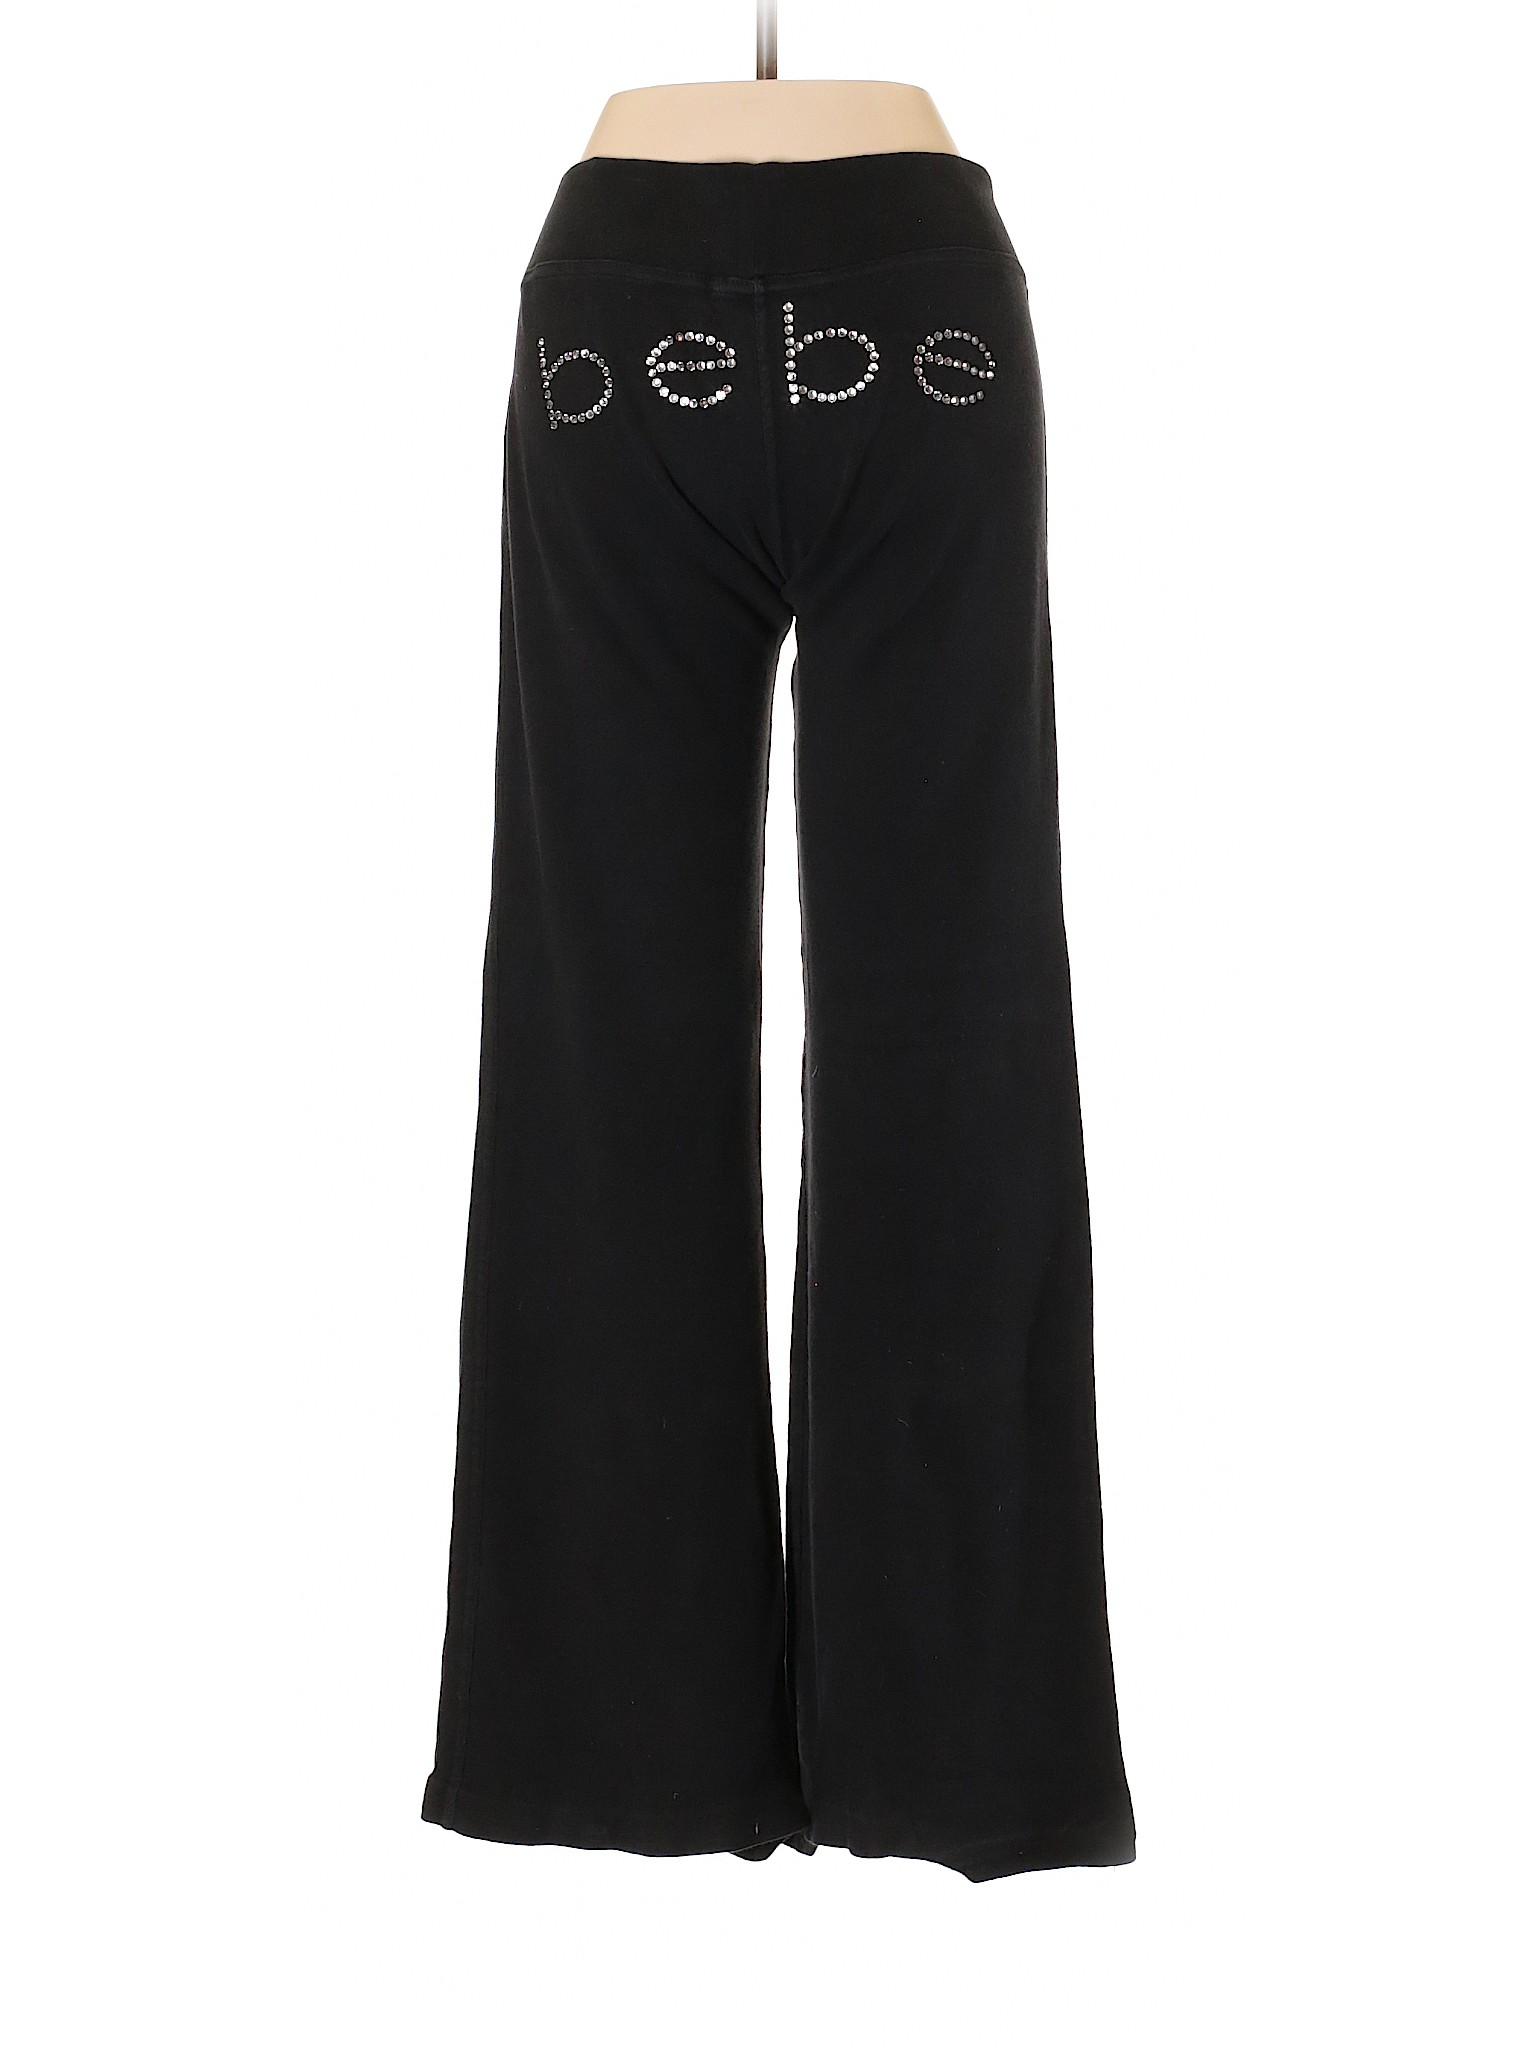 winter Boutique Boutique Bebe winter Sweatpants 87wE7qPU